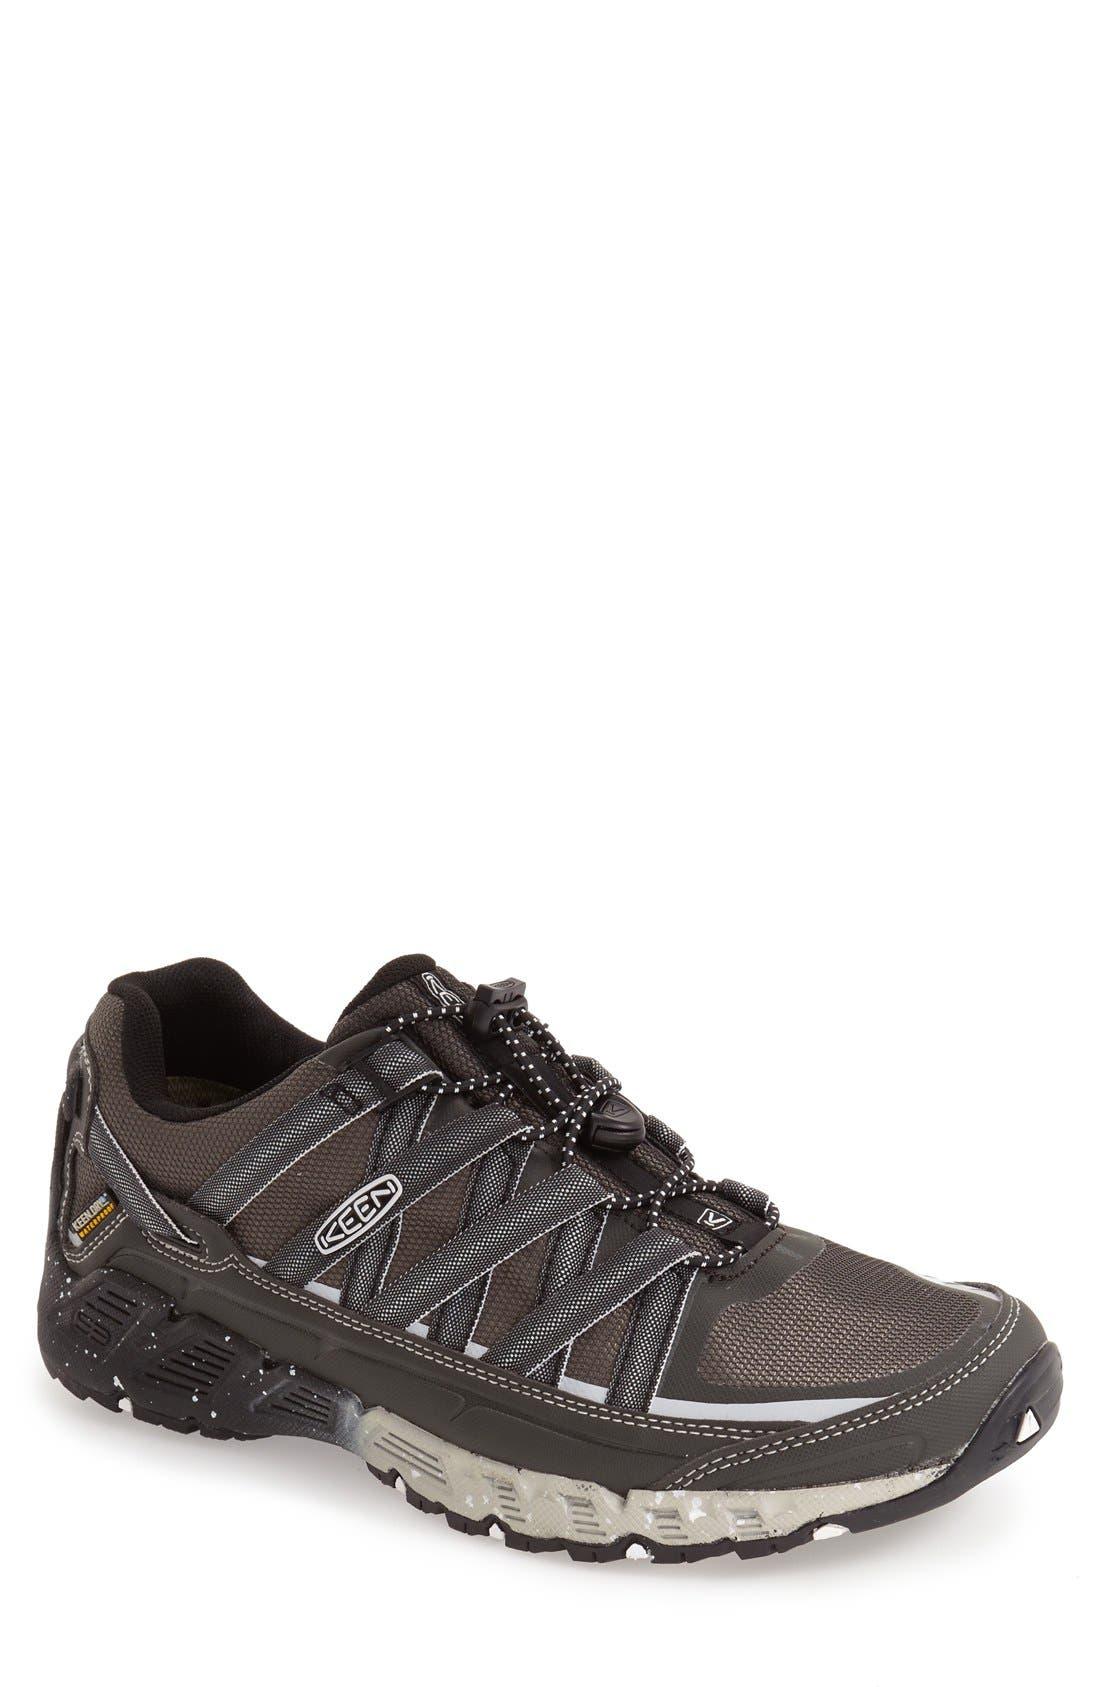 KEEN 'Versatrail' Waterproof Hiking Shoe